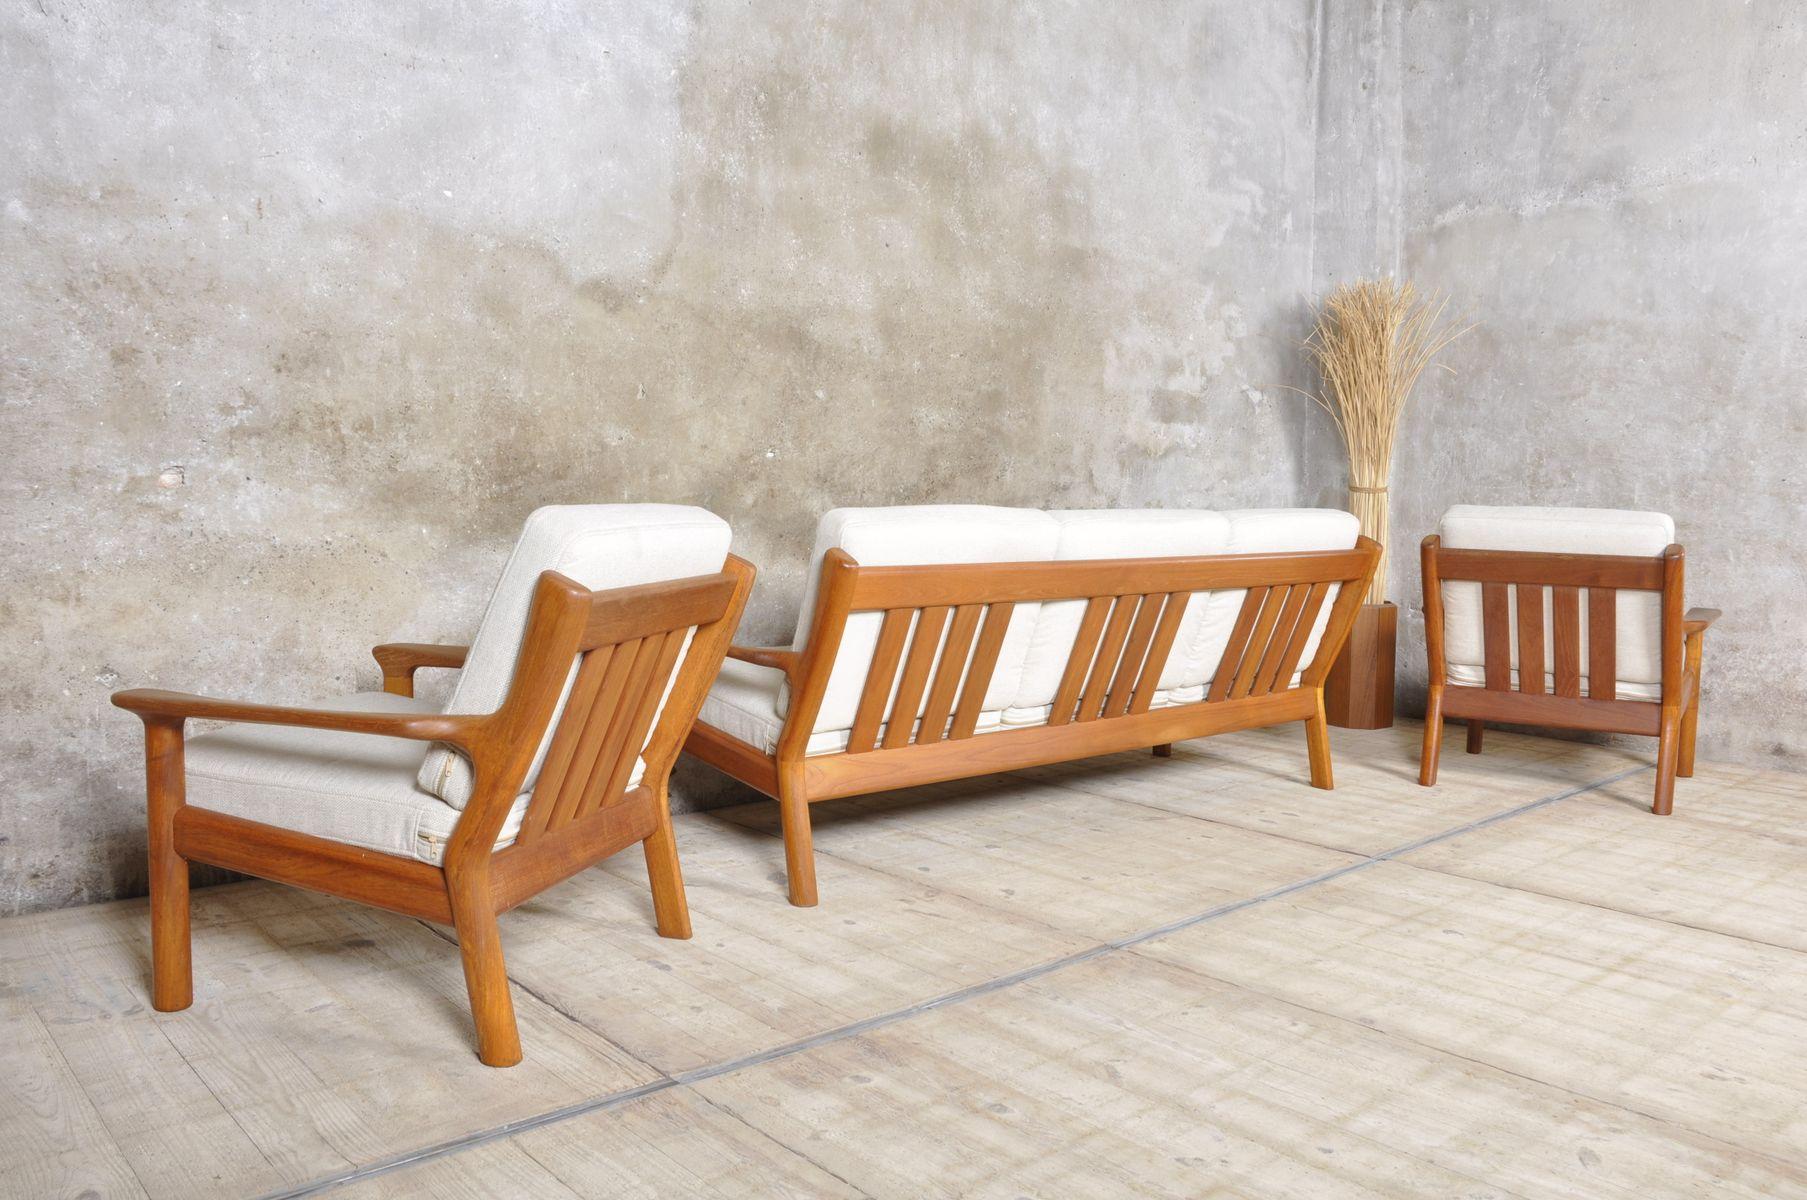 Teak Living Room Furniture Vintage Teak Living Room Set By Glostrup For Sale At Pamono